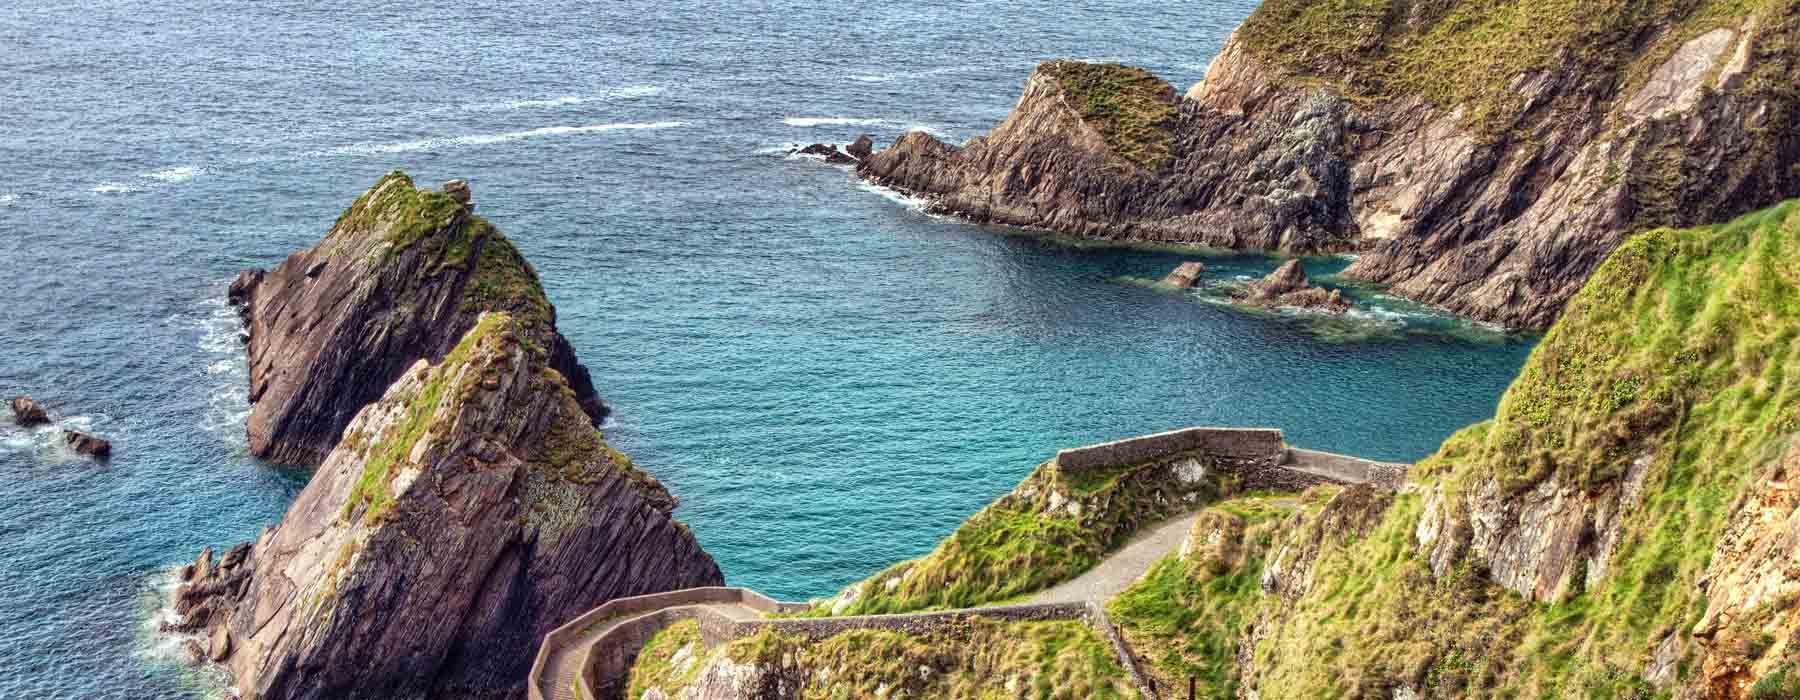 Séjour linguistique en Irlande : Pourquoi se rendre en Irlande ?